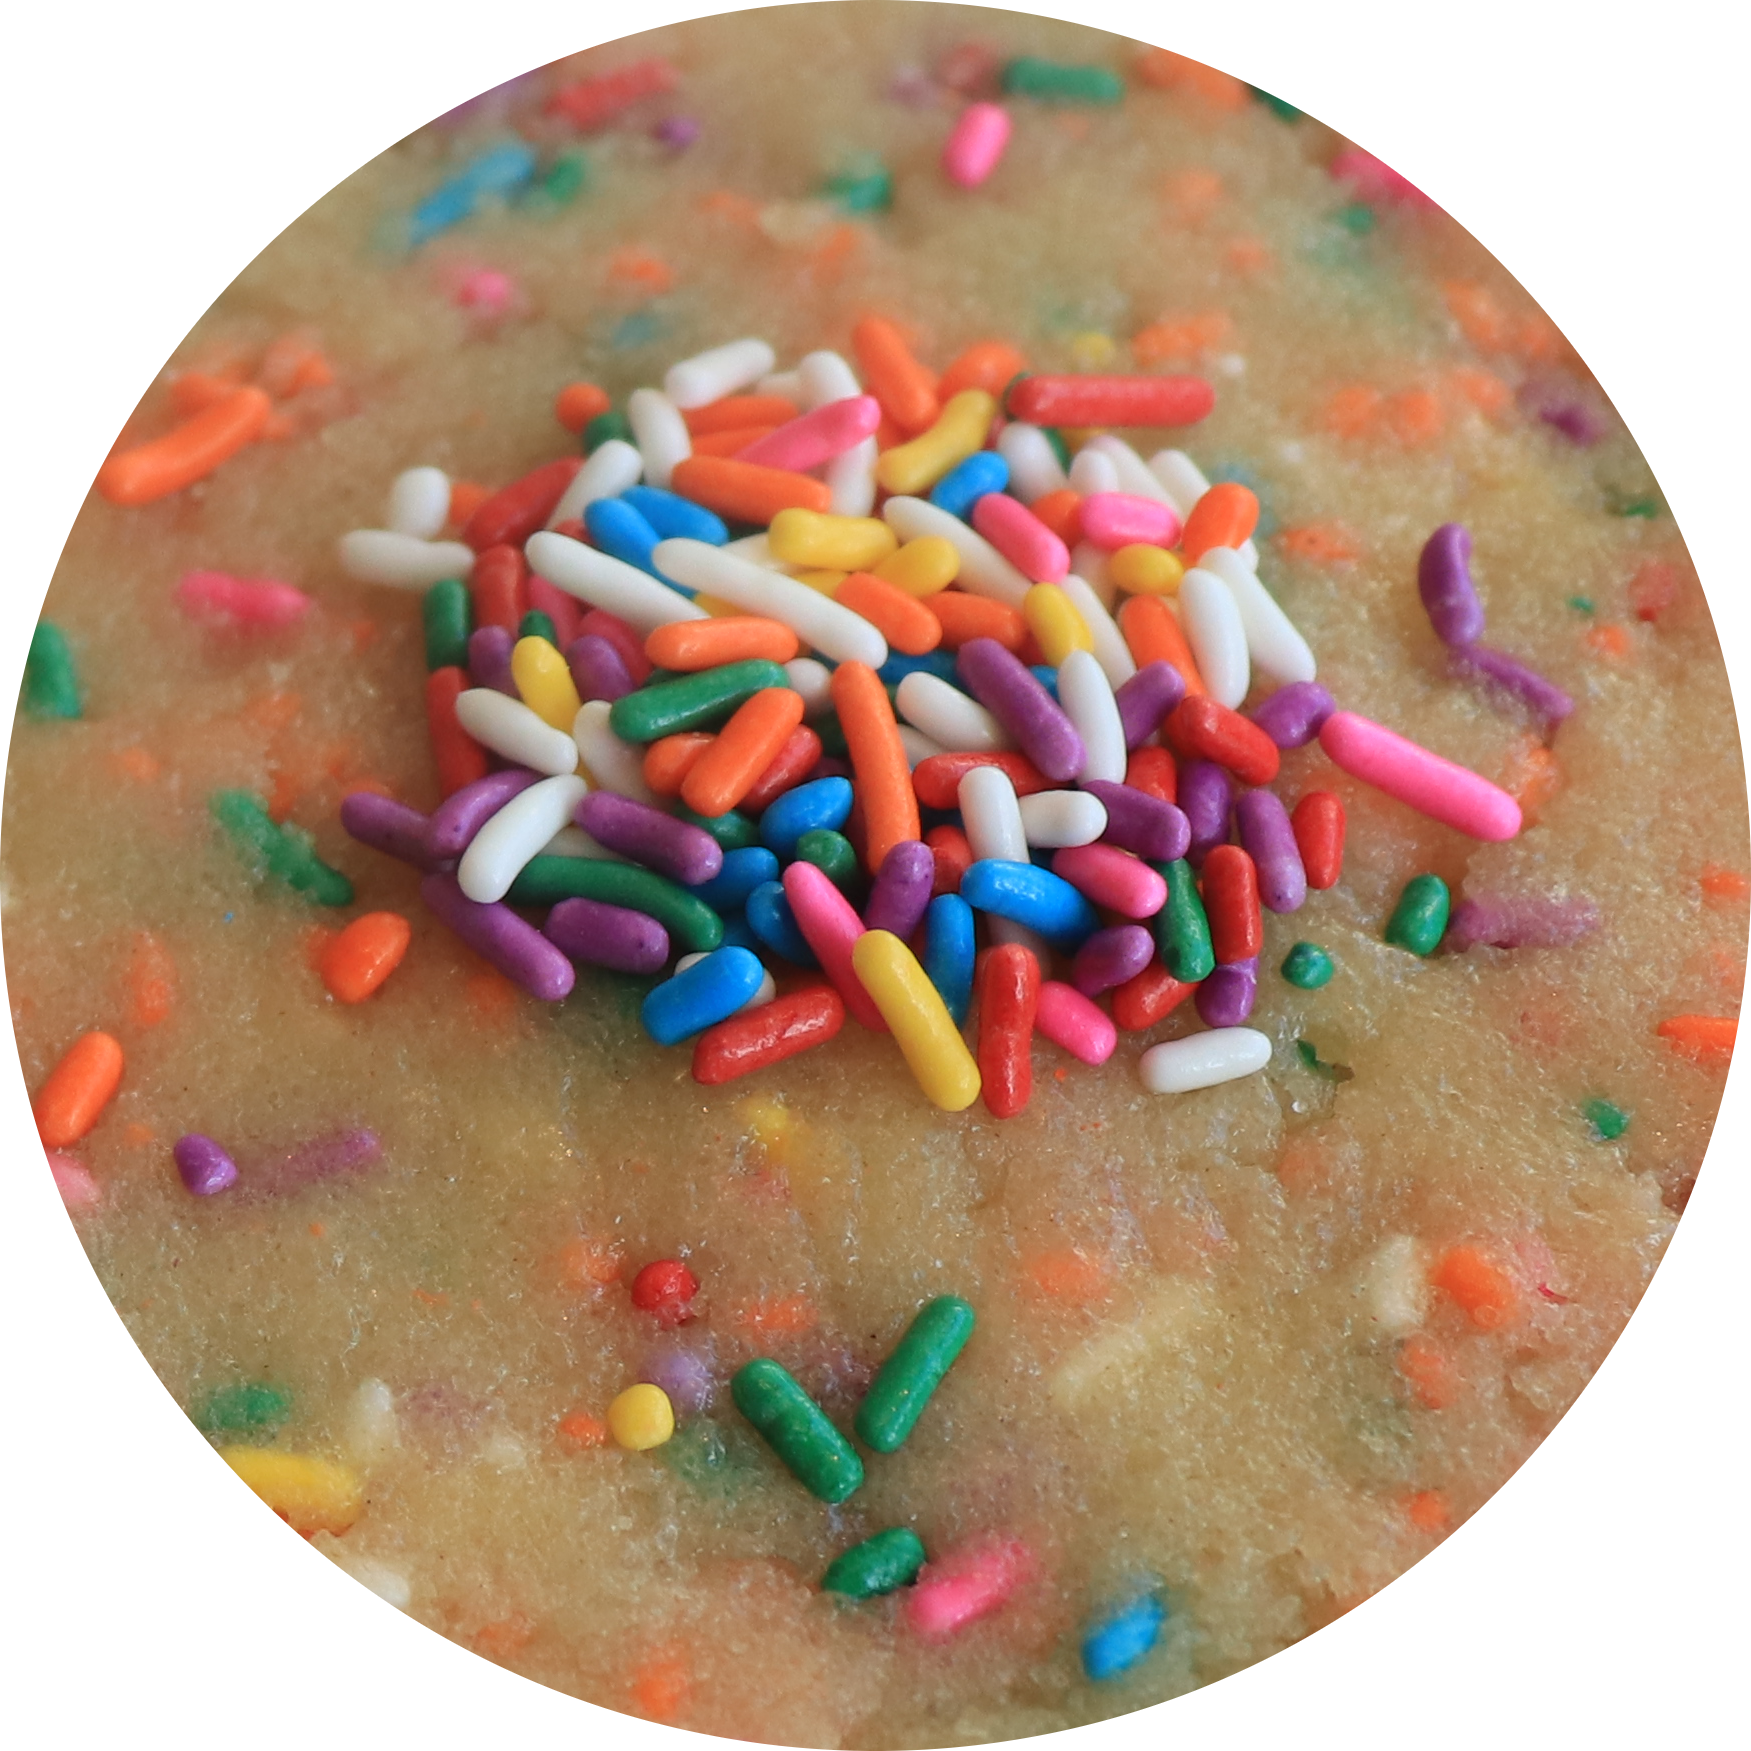 Rainbow Fetti